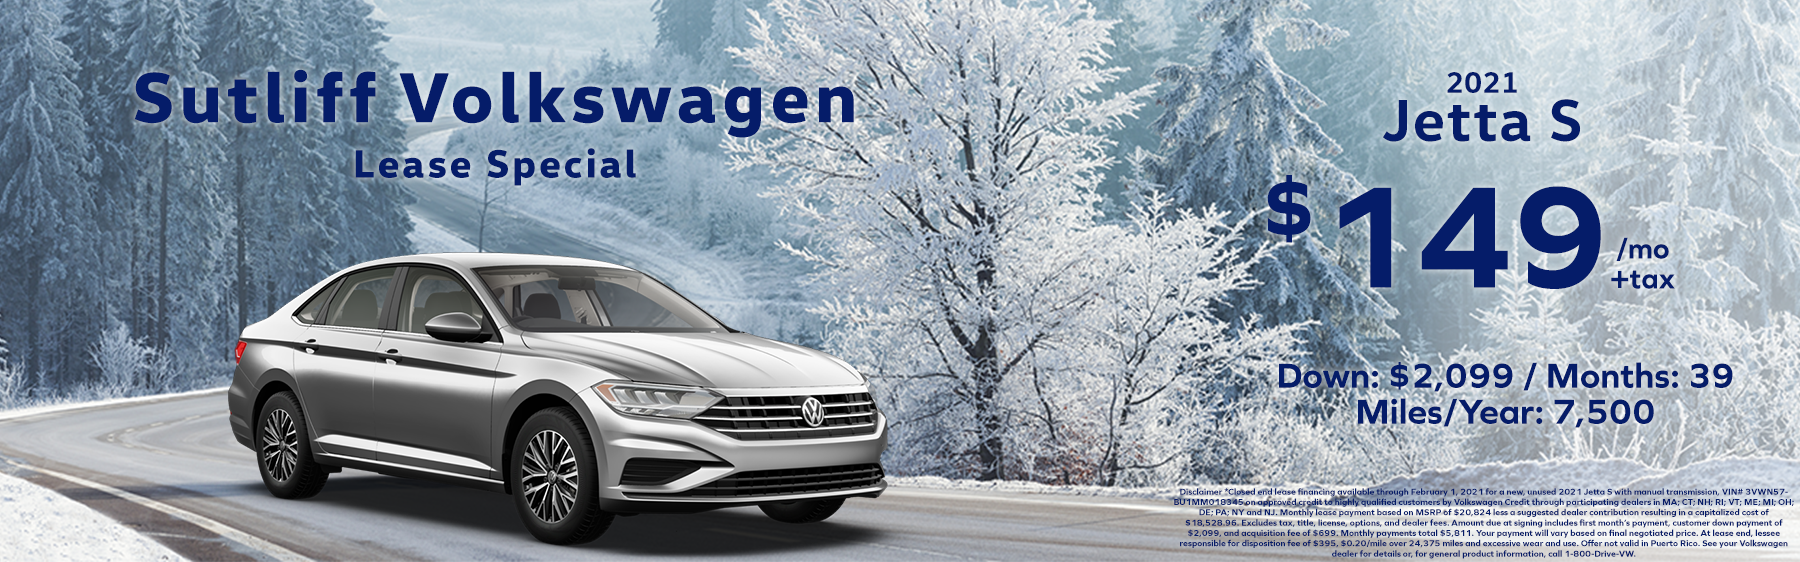 Sutliff VW_Jetta Lease Special_Jan 2021